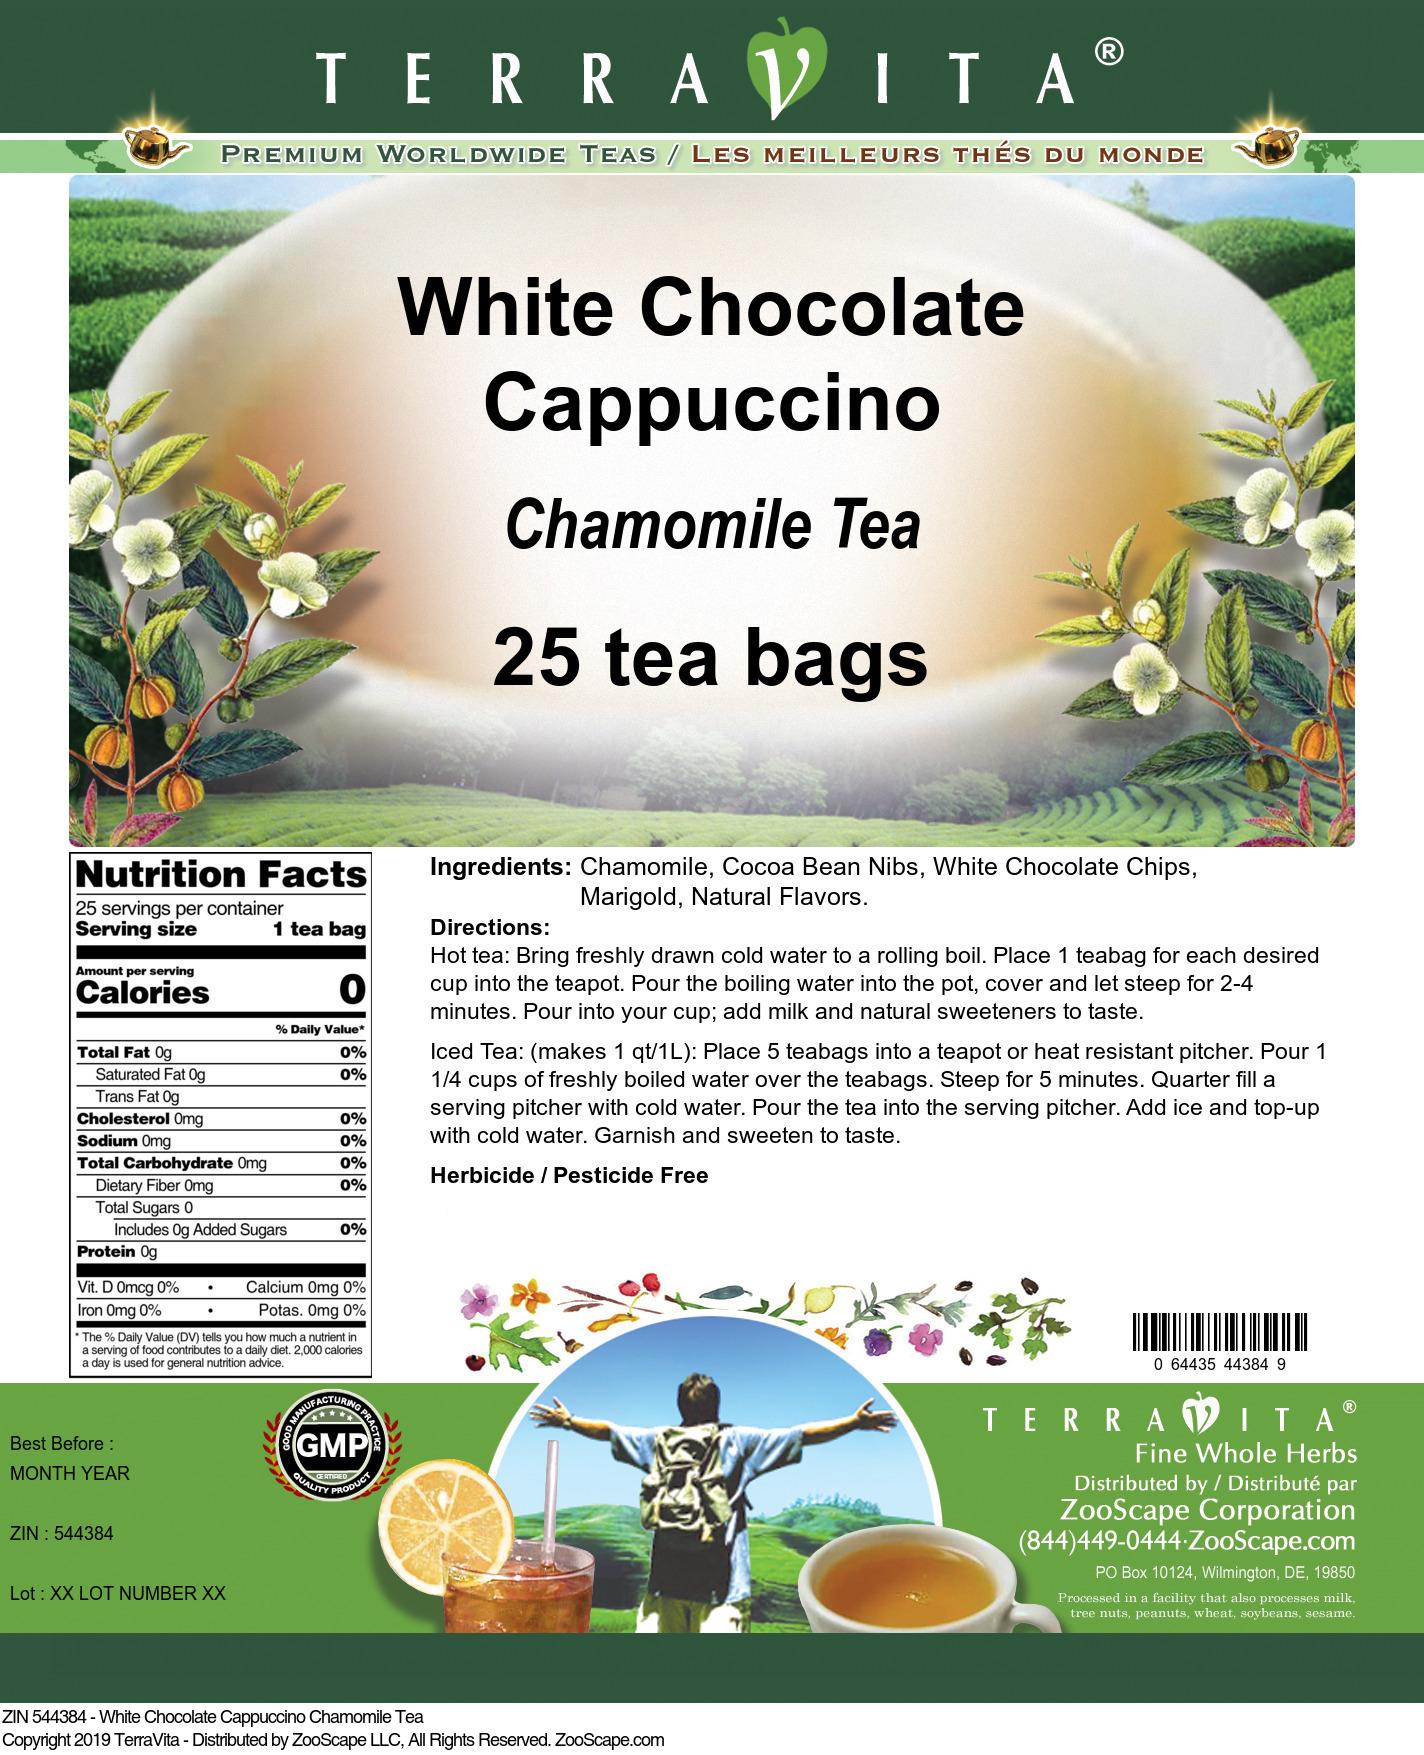 White Chocolate Cappuccino Chamomile Tea